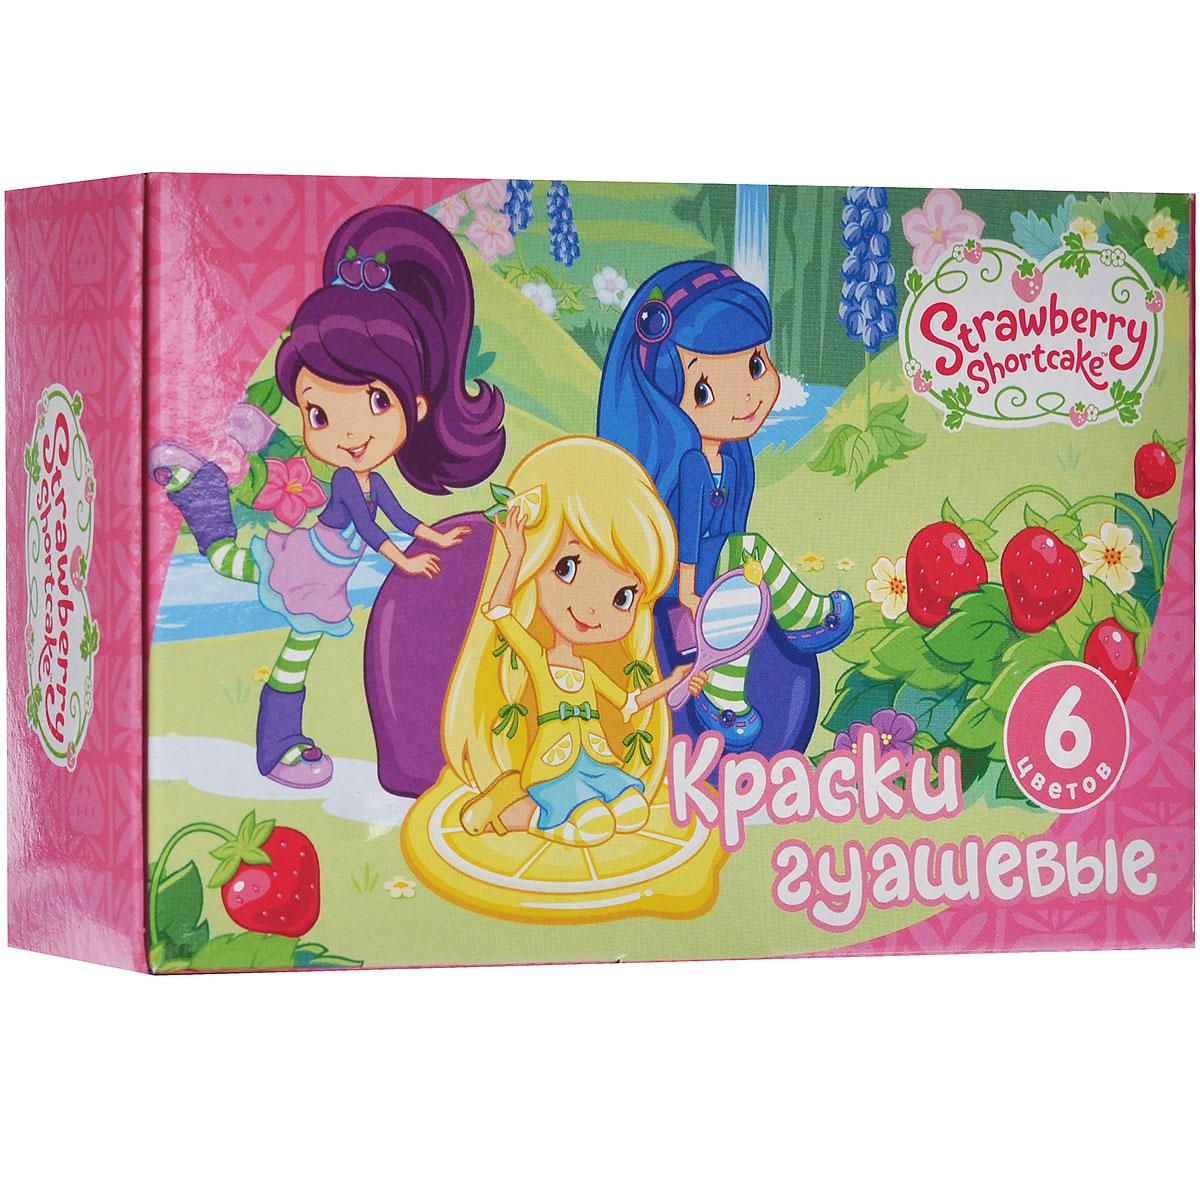 Гуашь Action! Strawberry Shortcake, 6 цветовSW-GP-6Гуашь Action! Strawberry Shortcake предназначена для декоративно-оформительских работ и творчества детей. В набор входят краски шести цветов: черного, зеленого, синего, белого, красного и желтого. Они легко наносятся на бумагу, картон и грунтованный холст. При высыхании приобретают матовую, бархатистую поверхность.